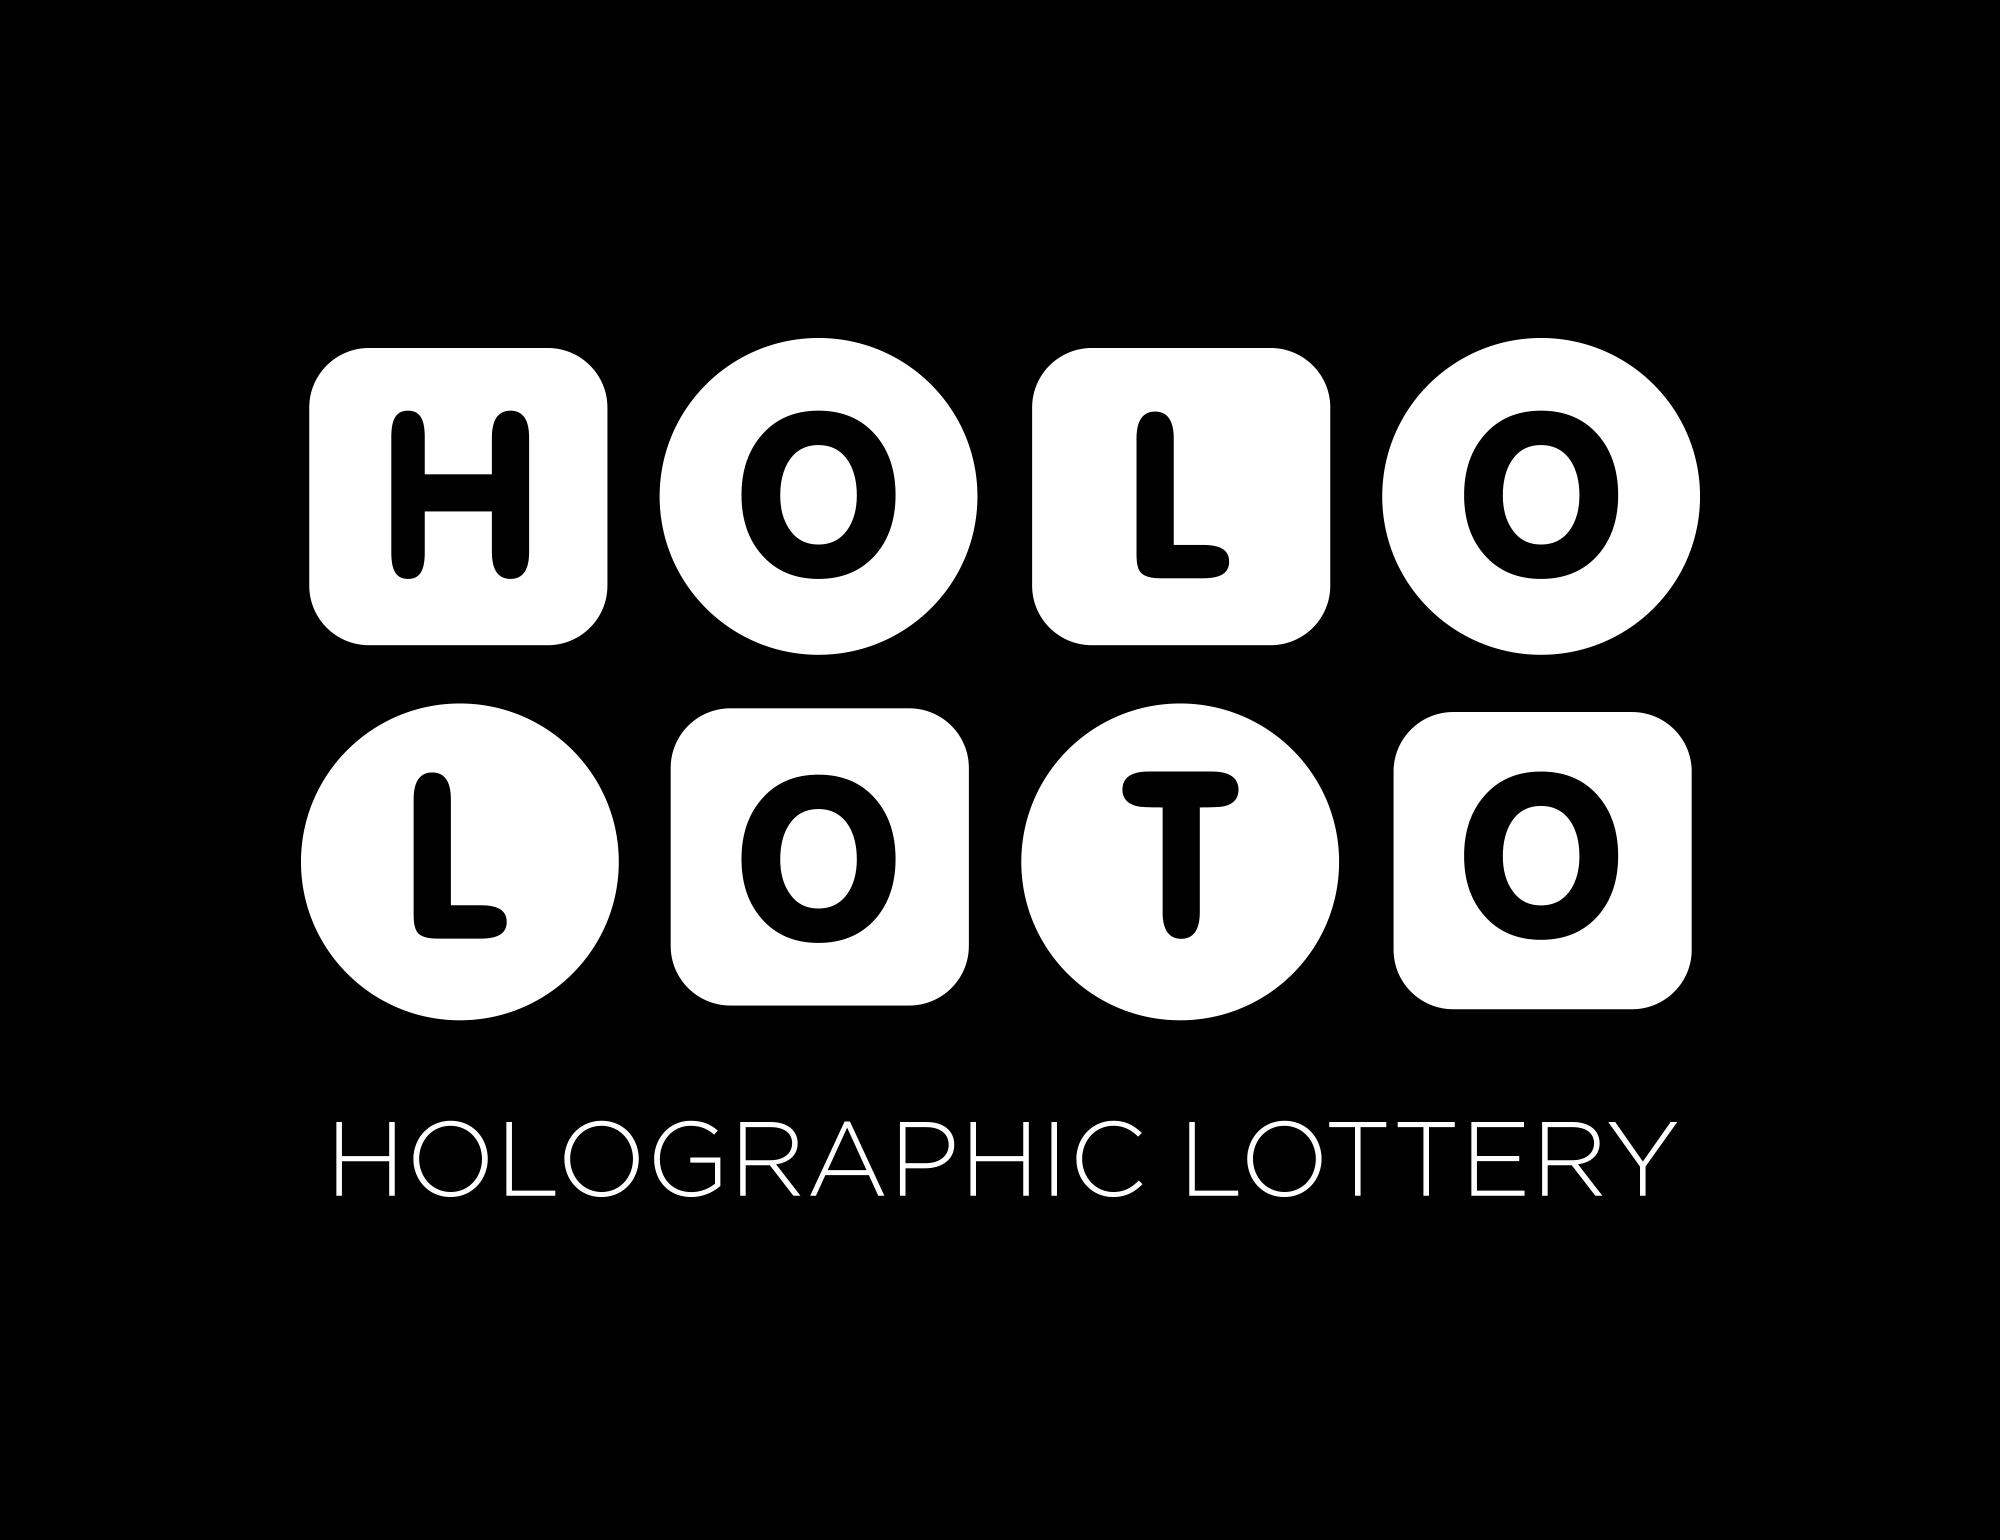 На Georgia Gaming Congress расскажут о применении голографических технологий в игорной отрасли